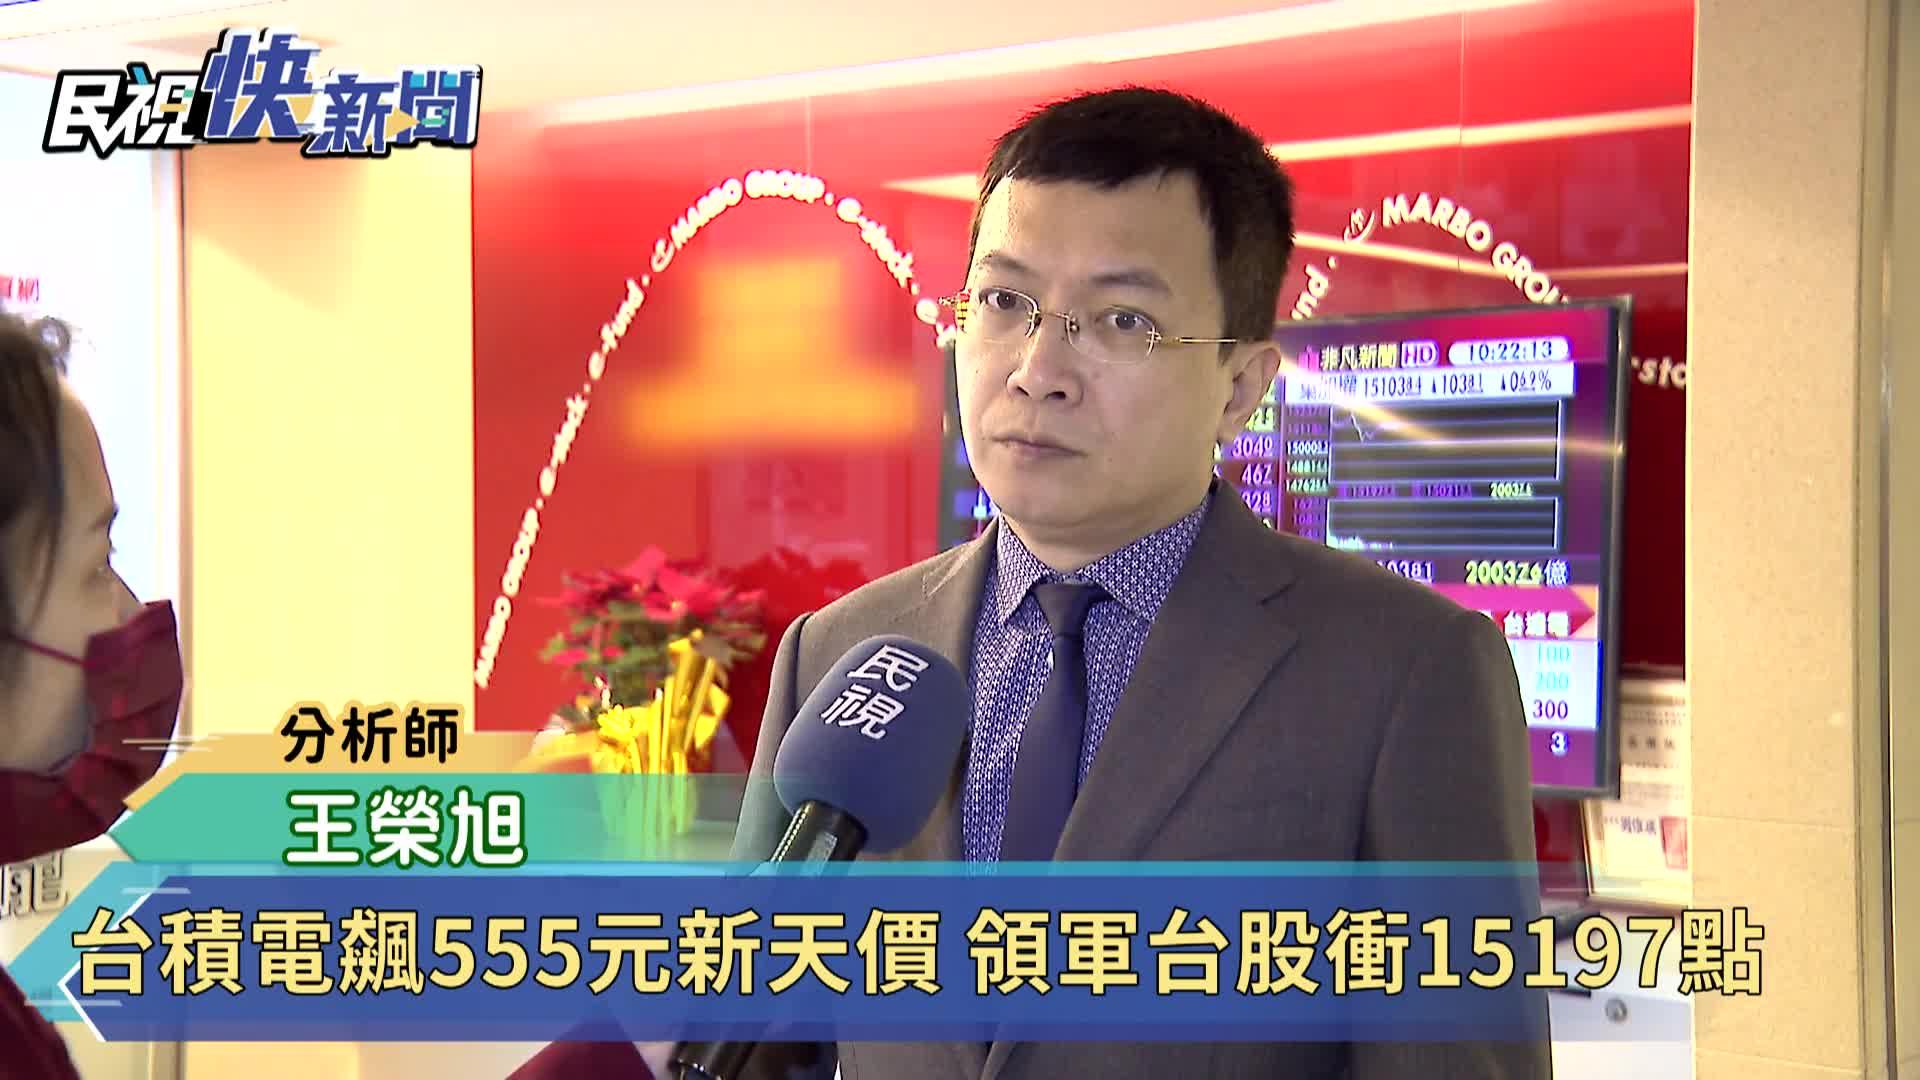 台積電飆555元新天價 領軍台股衝15197點